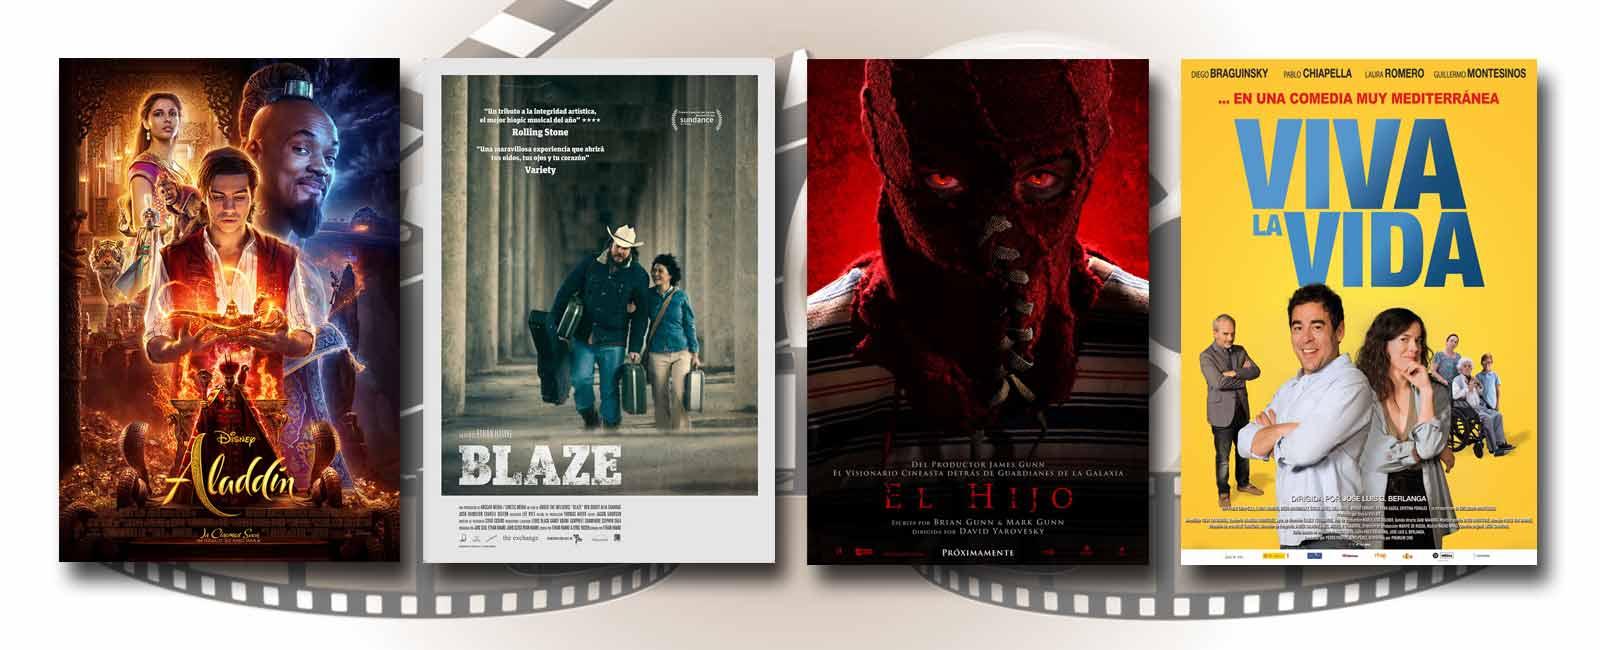 Estrenos de Cine de la Semana… 24 de Mayo 2019